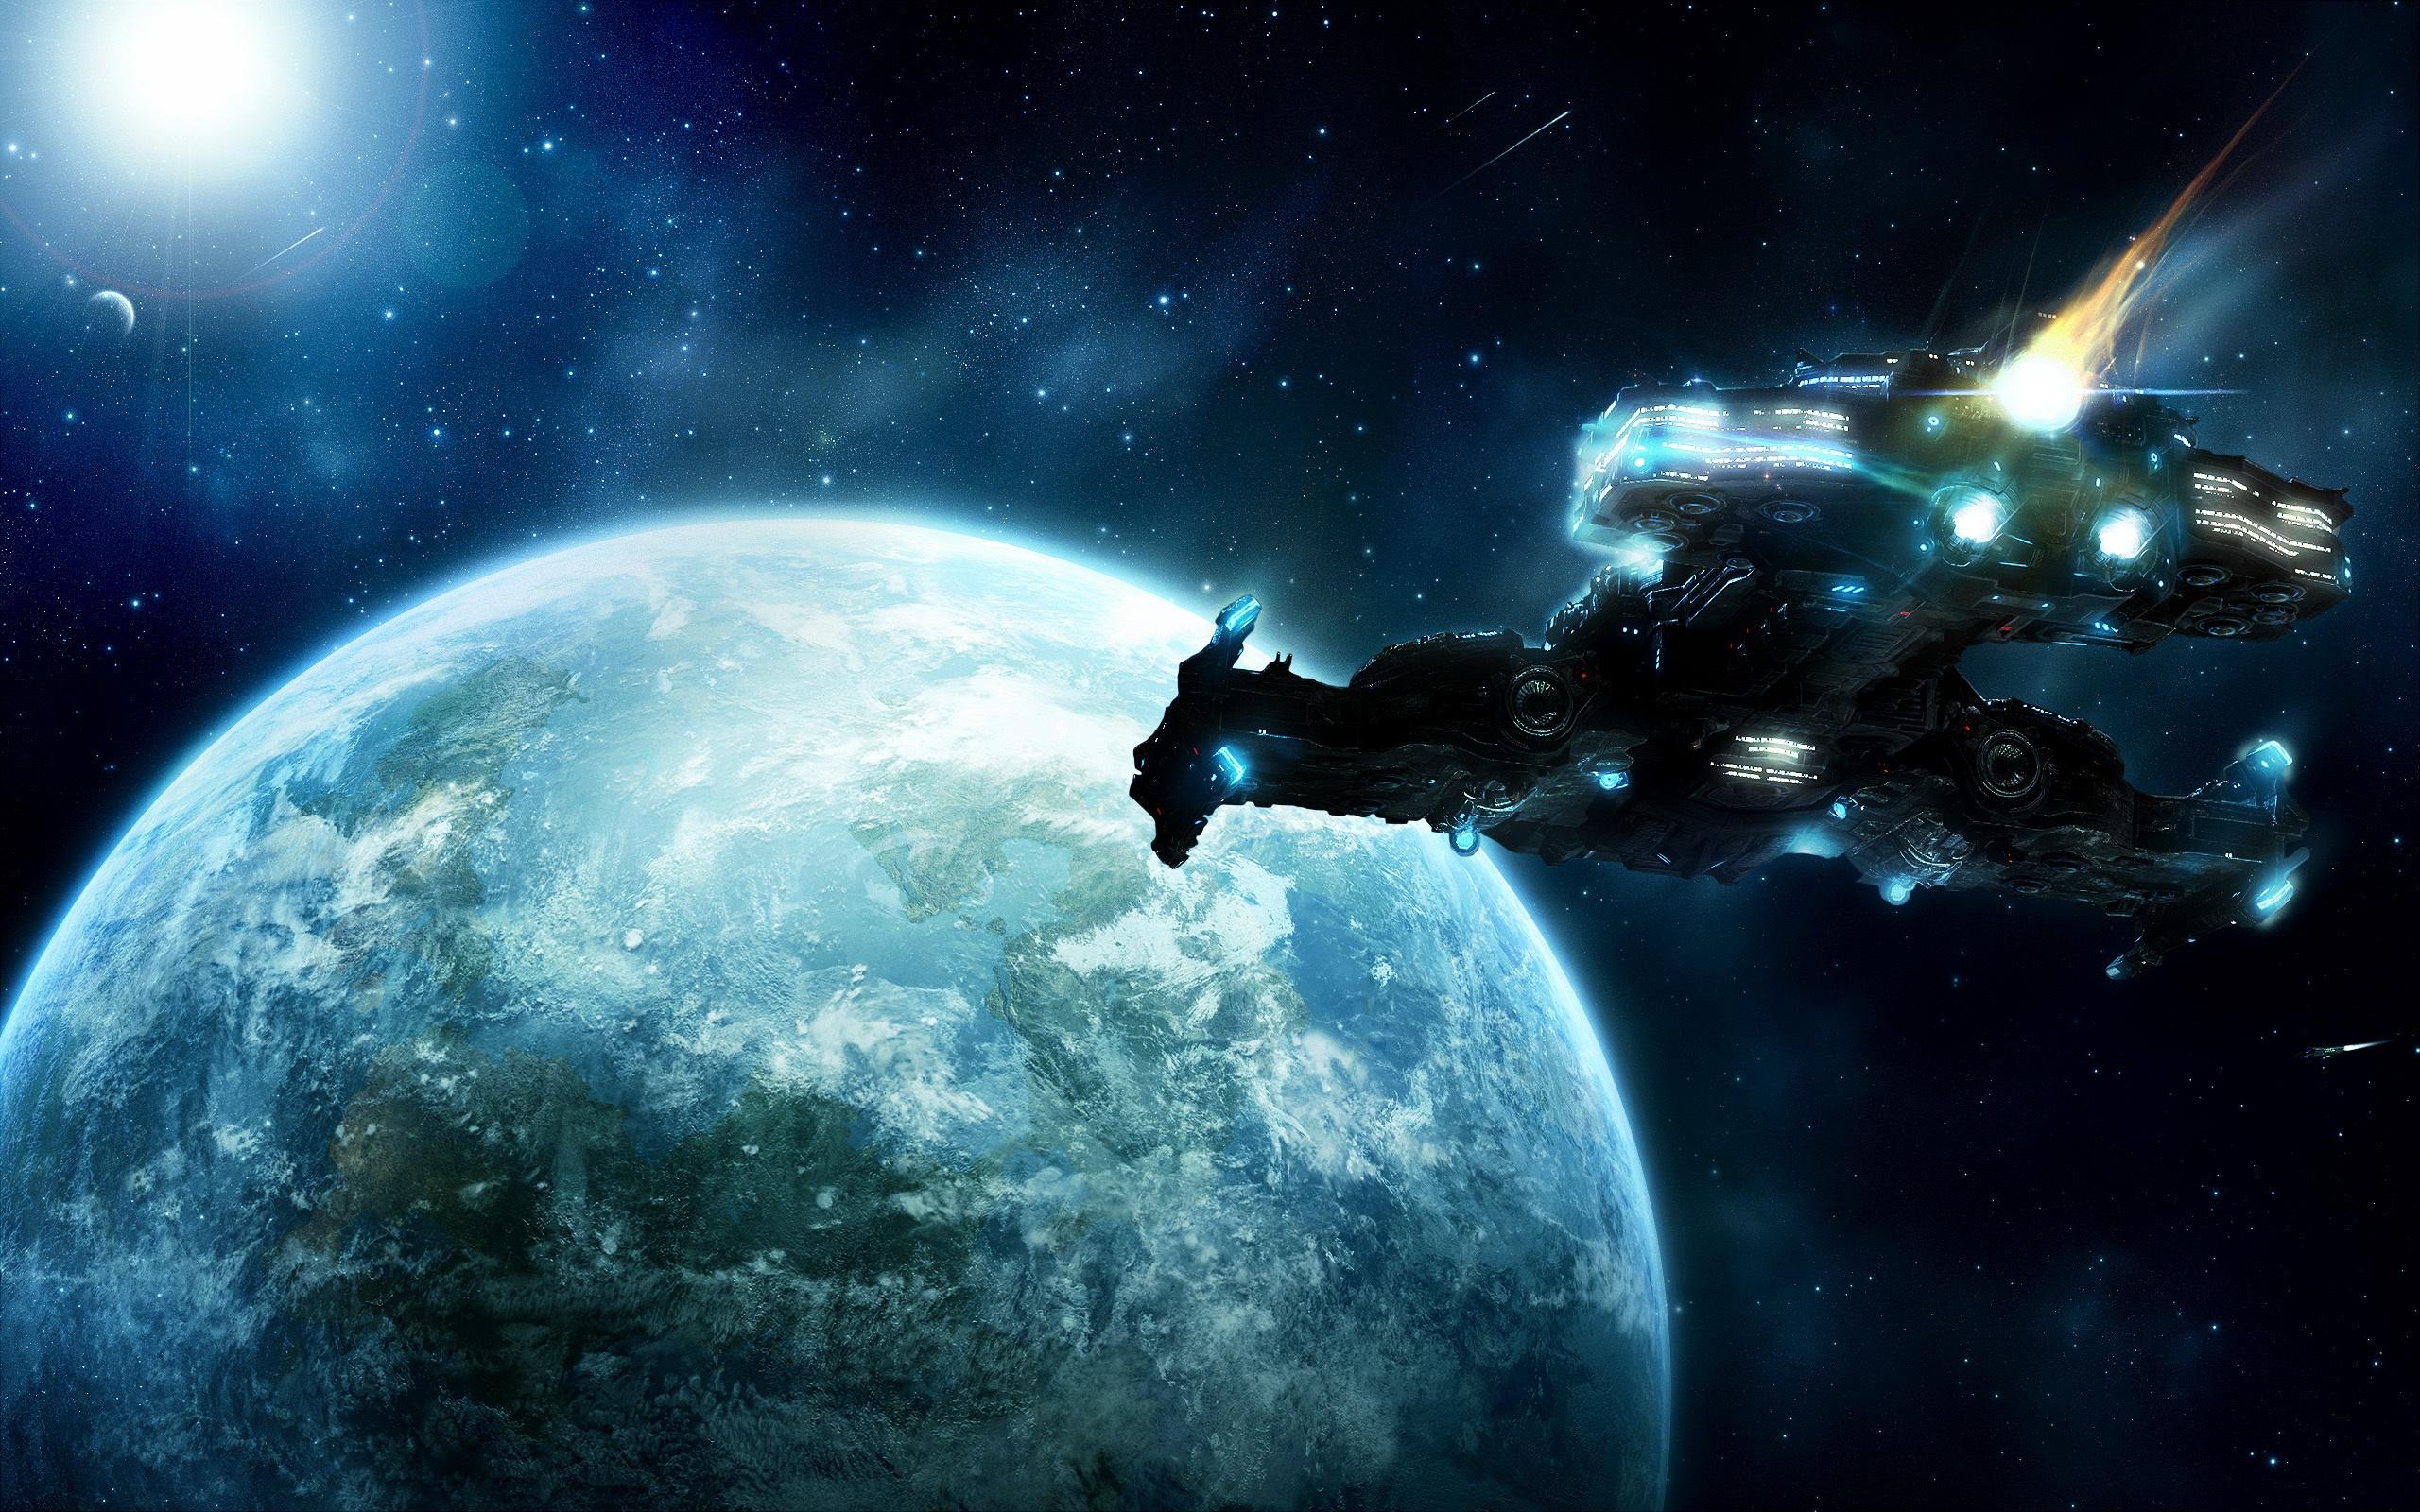 壁紙 地球に飛んでいる宇宙船 2560x1600 Hd 無料のデスクトップの背景 画像